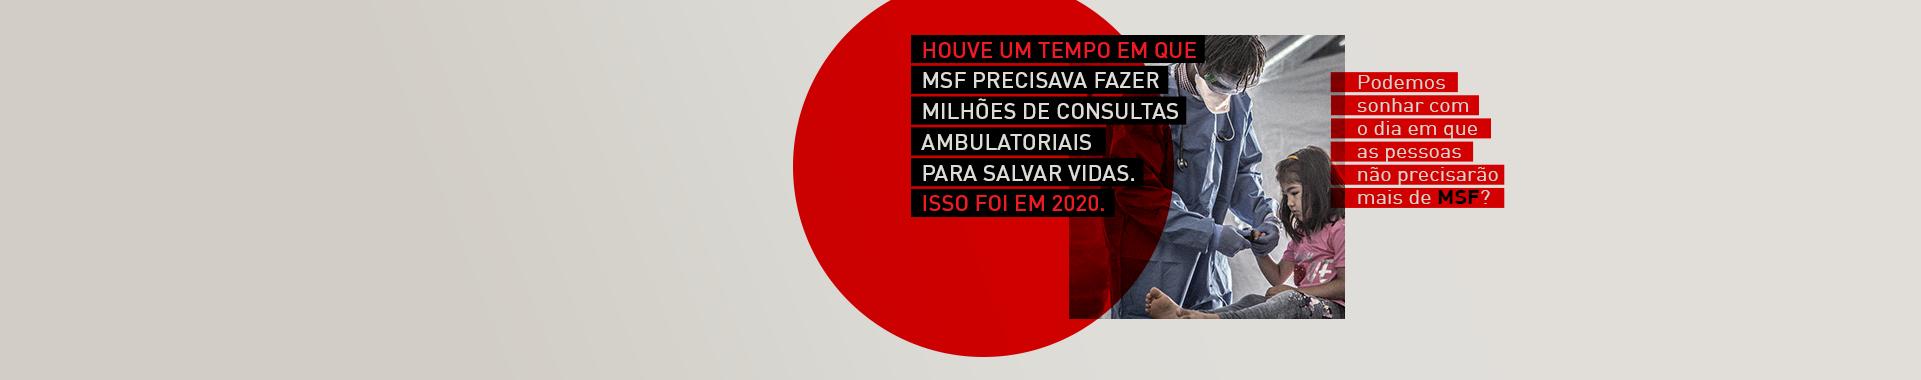 Um mundo sem MSF